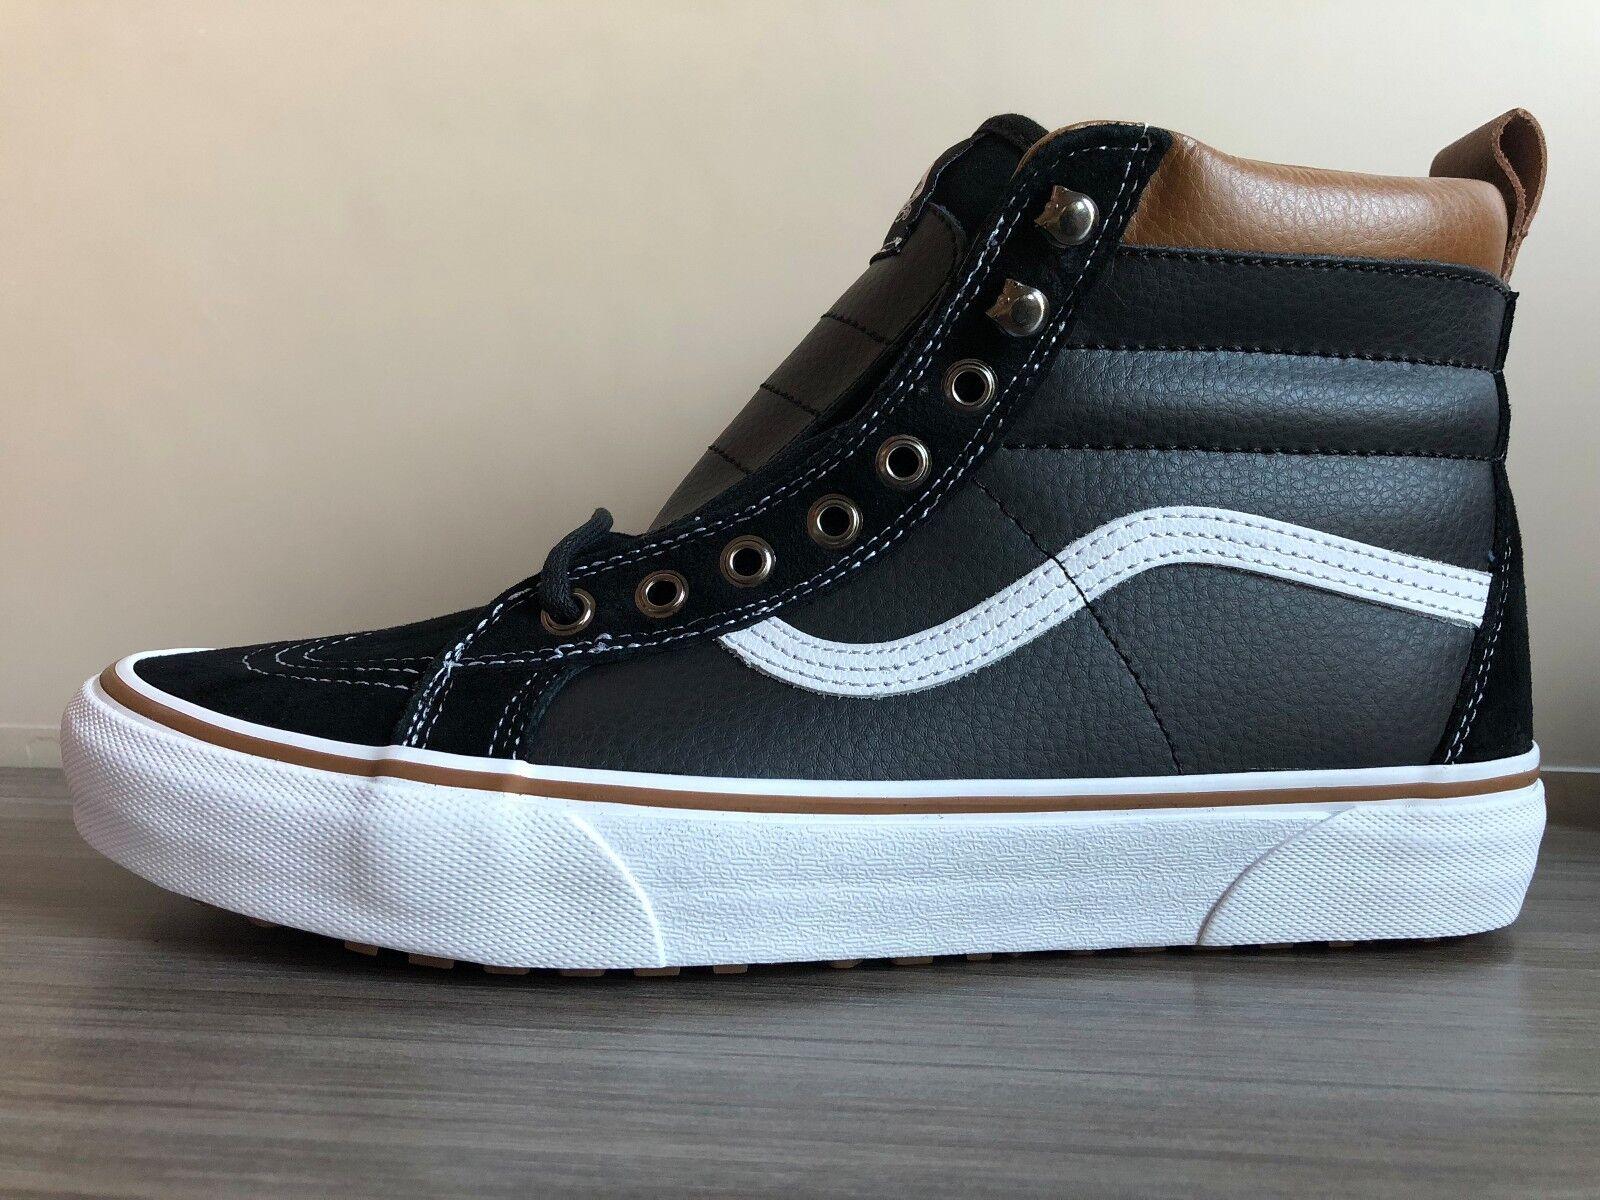 les hommes sk8-hi  mte chaussures taille 9 90  sk8-hi Noir  6e5e5b